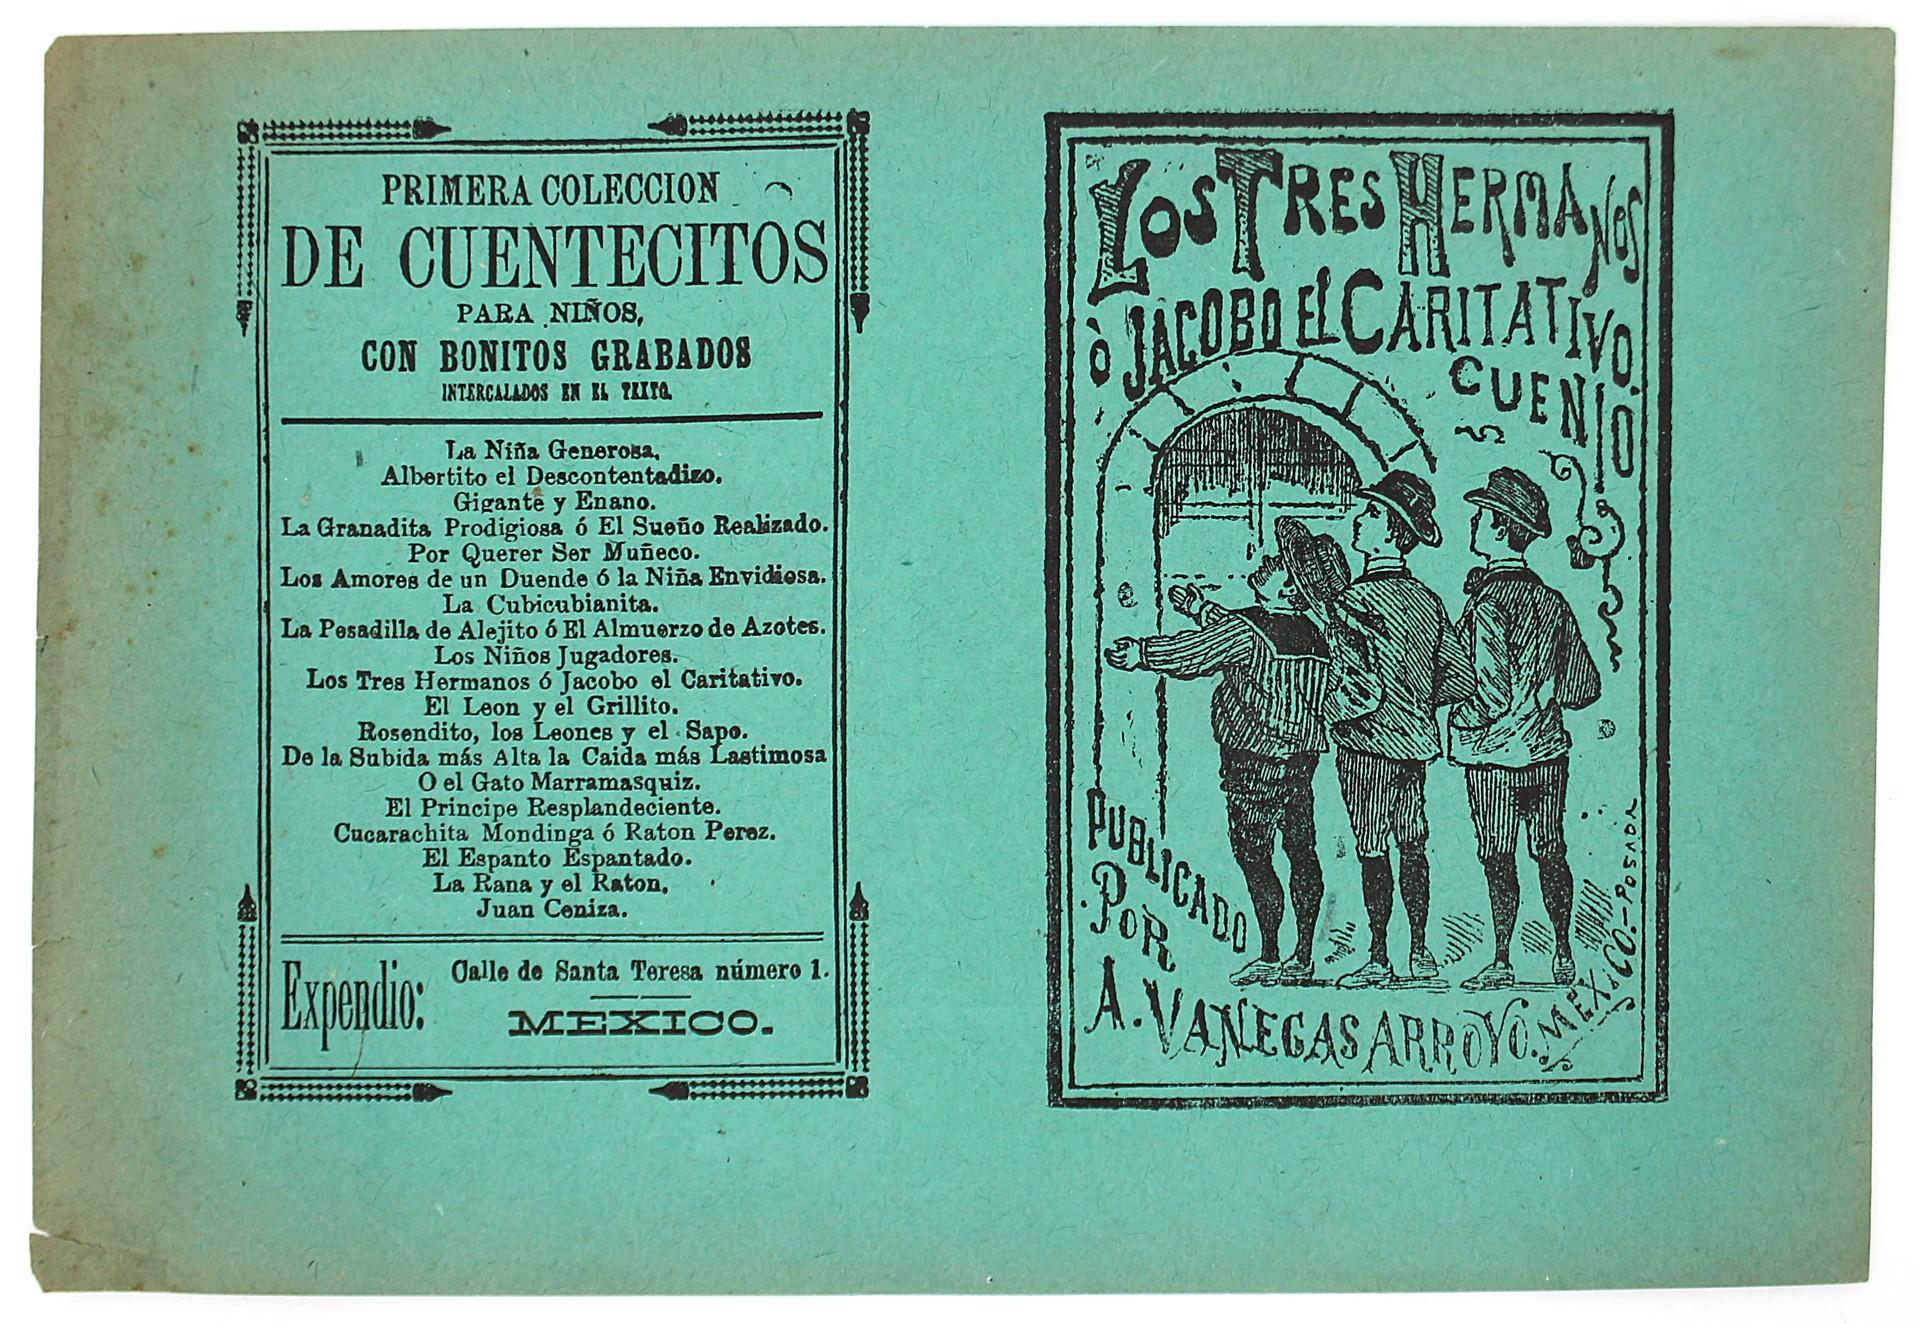 Los Tres Hermanos o Jacobo el caritativo by José Guadalupe Posada (1852 - 1913)